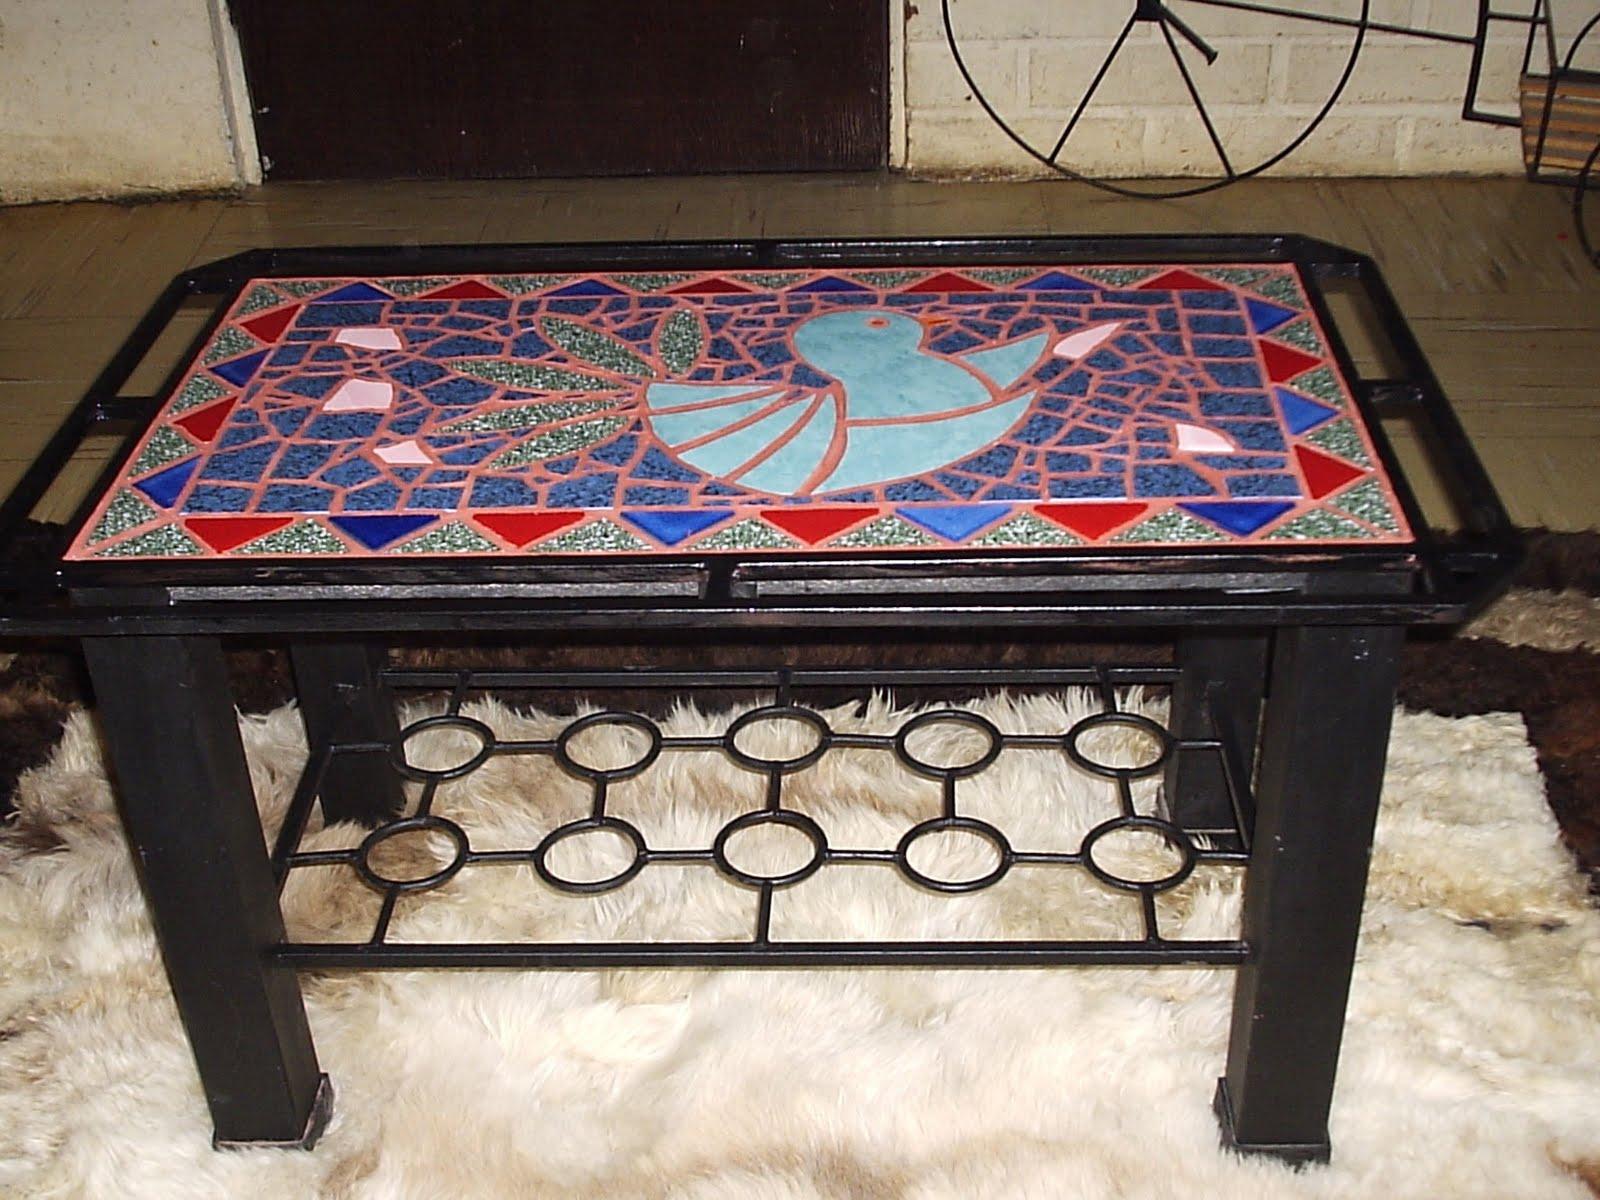 Fierro y dise os mesa de centro para mosaico for Disenos para mosaicos